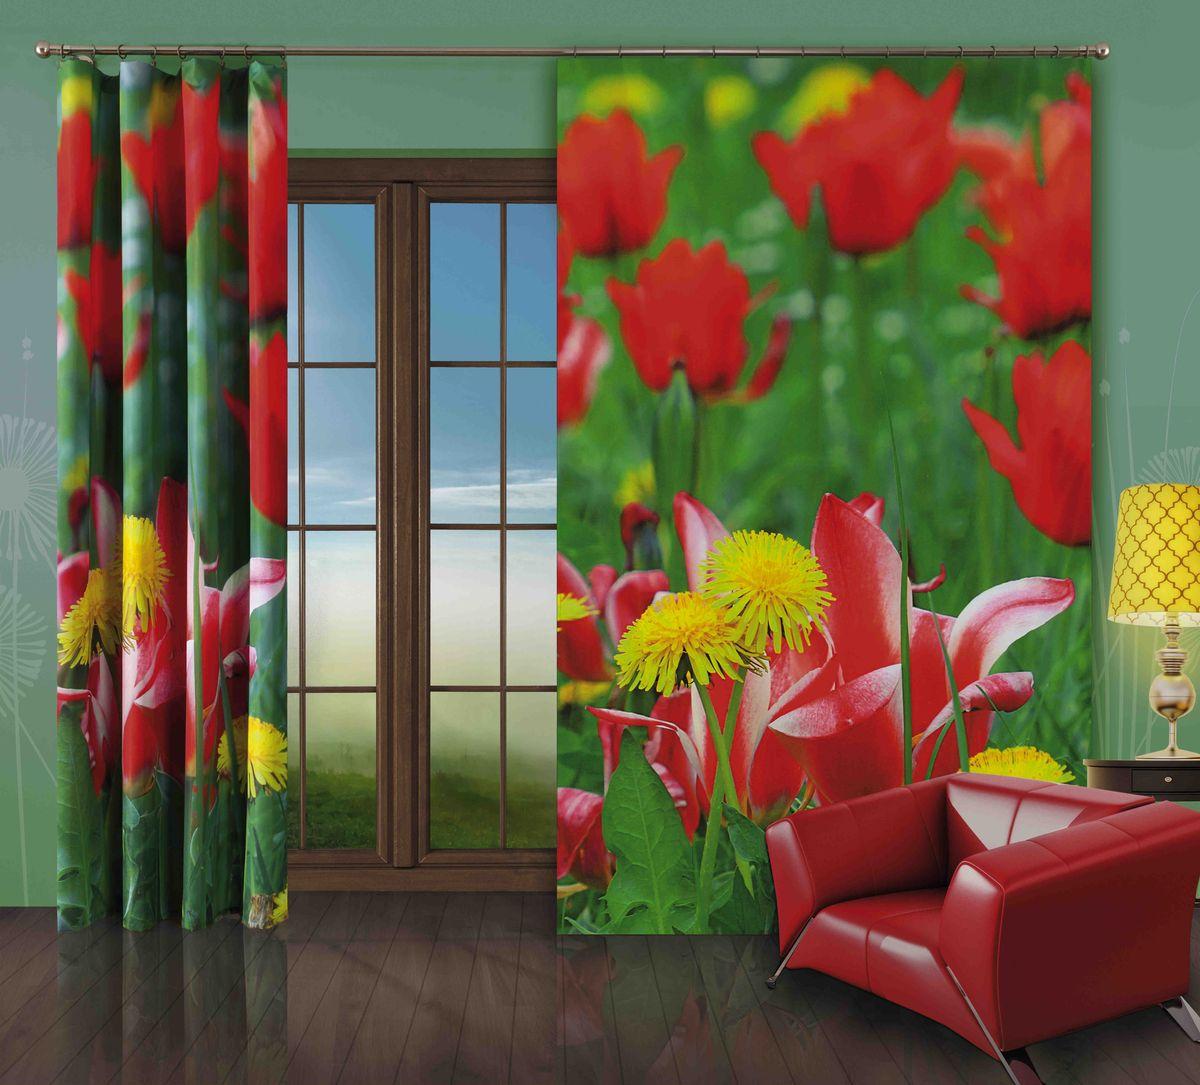 Комплект гардин-панно Wisan Tulipany, на ленте, цвет: зеленый, красный, высота 250 см88833Комплект гардин-панно Wisan Tulipany, изготовленный из полиэстера, станет великолепным украшением любого окна. В комплект входят 2 плотные гардины с изображением летнего луга.Качественный материал, оригинальный дизайн и приятная цветовая гамма привлекут к себе внимание и органично впишутся в интерьер. Комплект оснащен шторной лентой для красивой сборки.Размер гардин-панно: 150 см х 250 см.Фирма Wisan на польском рынке существует уже более пятидесяти лет и является одной из лучших польских фабрик по производству штор и тканей. Ассортимент фирмы представлен готовыми комплектами штор для гостиной, детской, кухни, а также текстилем для кухни (скатерти, салфетки, дорожки, кухонные занавески). Модельный ряд отличает оригинальный дизайн, высокое качество. Ассортимент продукции постоянно пополняется.